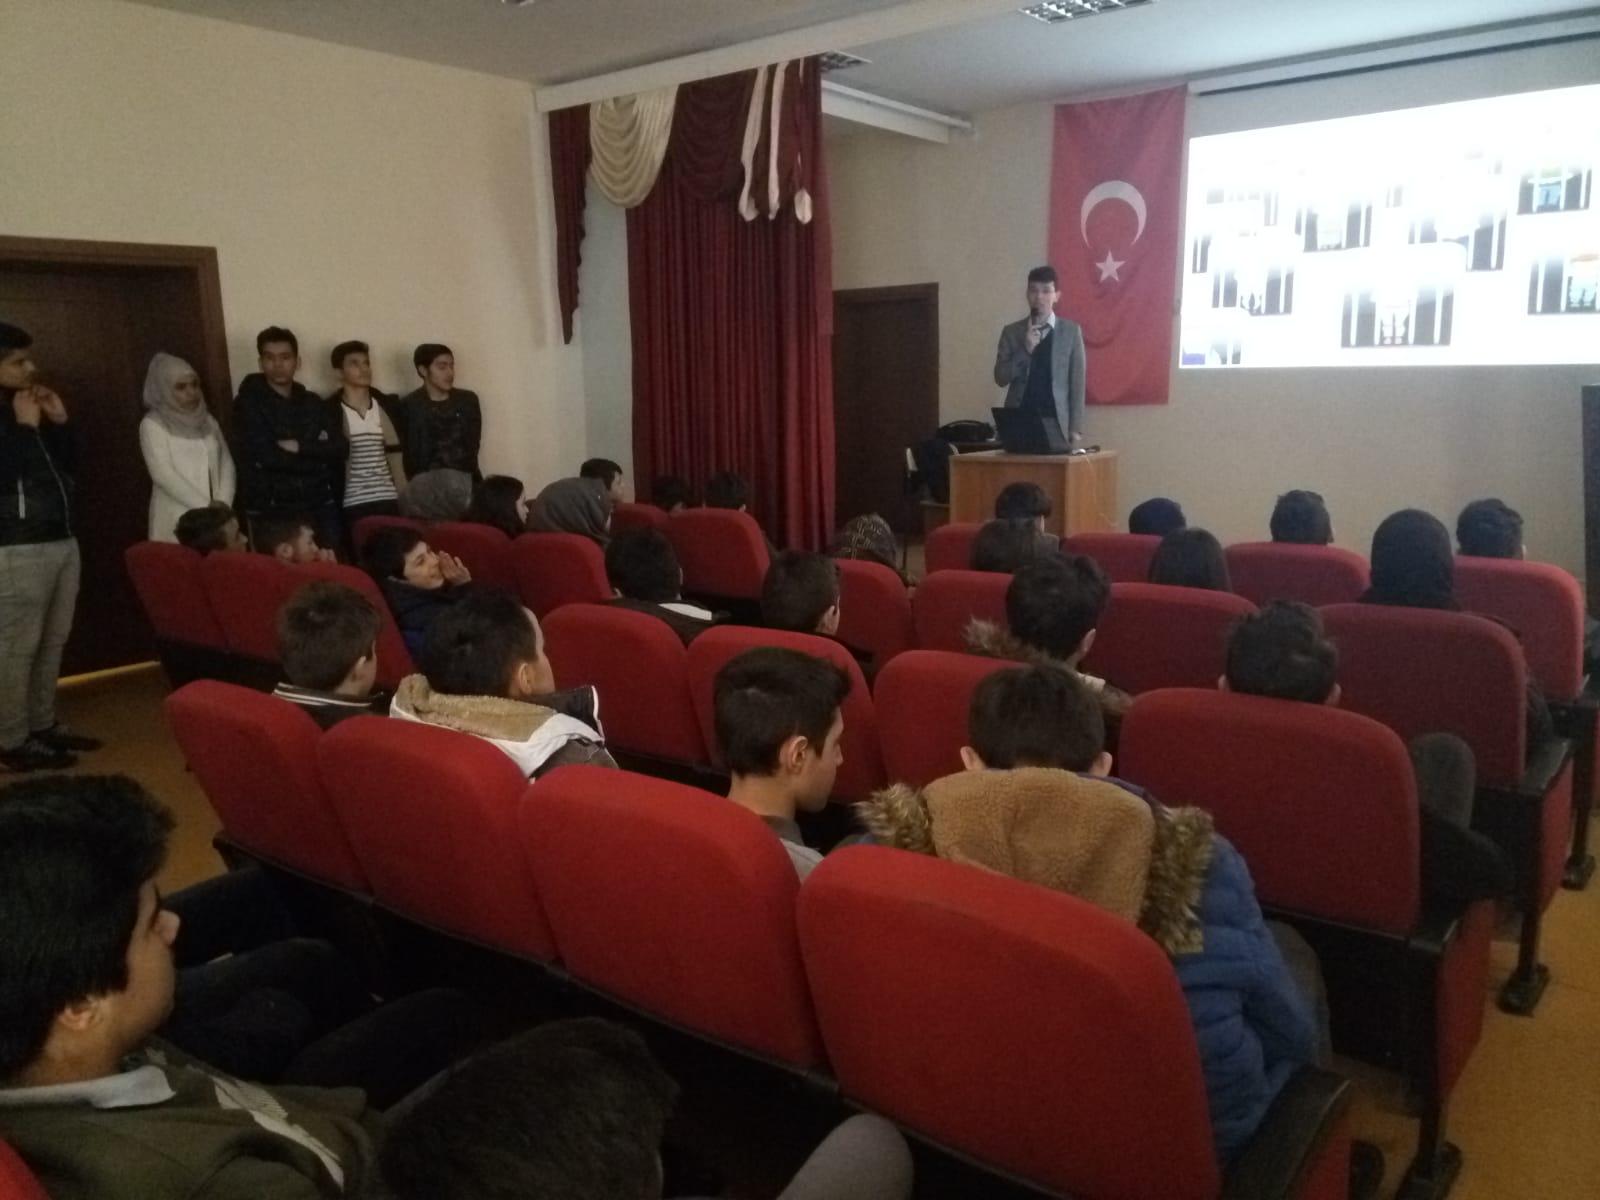 Kastamonu Mesleki ve Teknik Anadolu Lisesi, Bilinçli Ve Güvenli İnternet Semineri